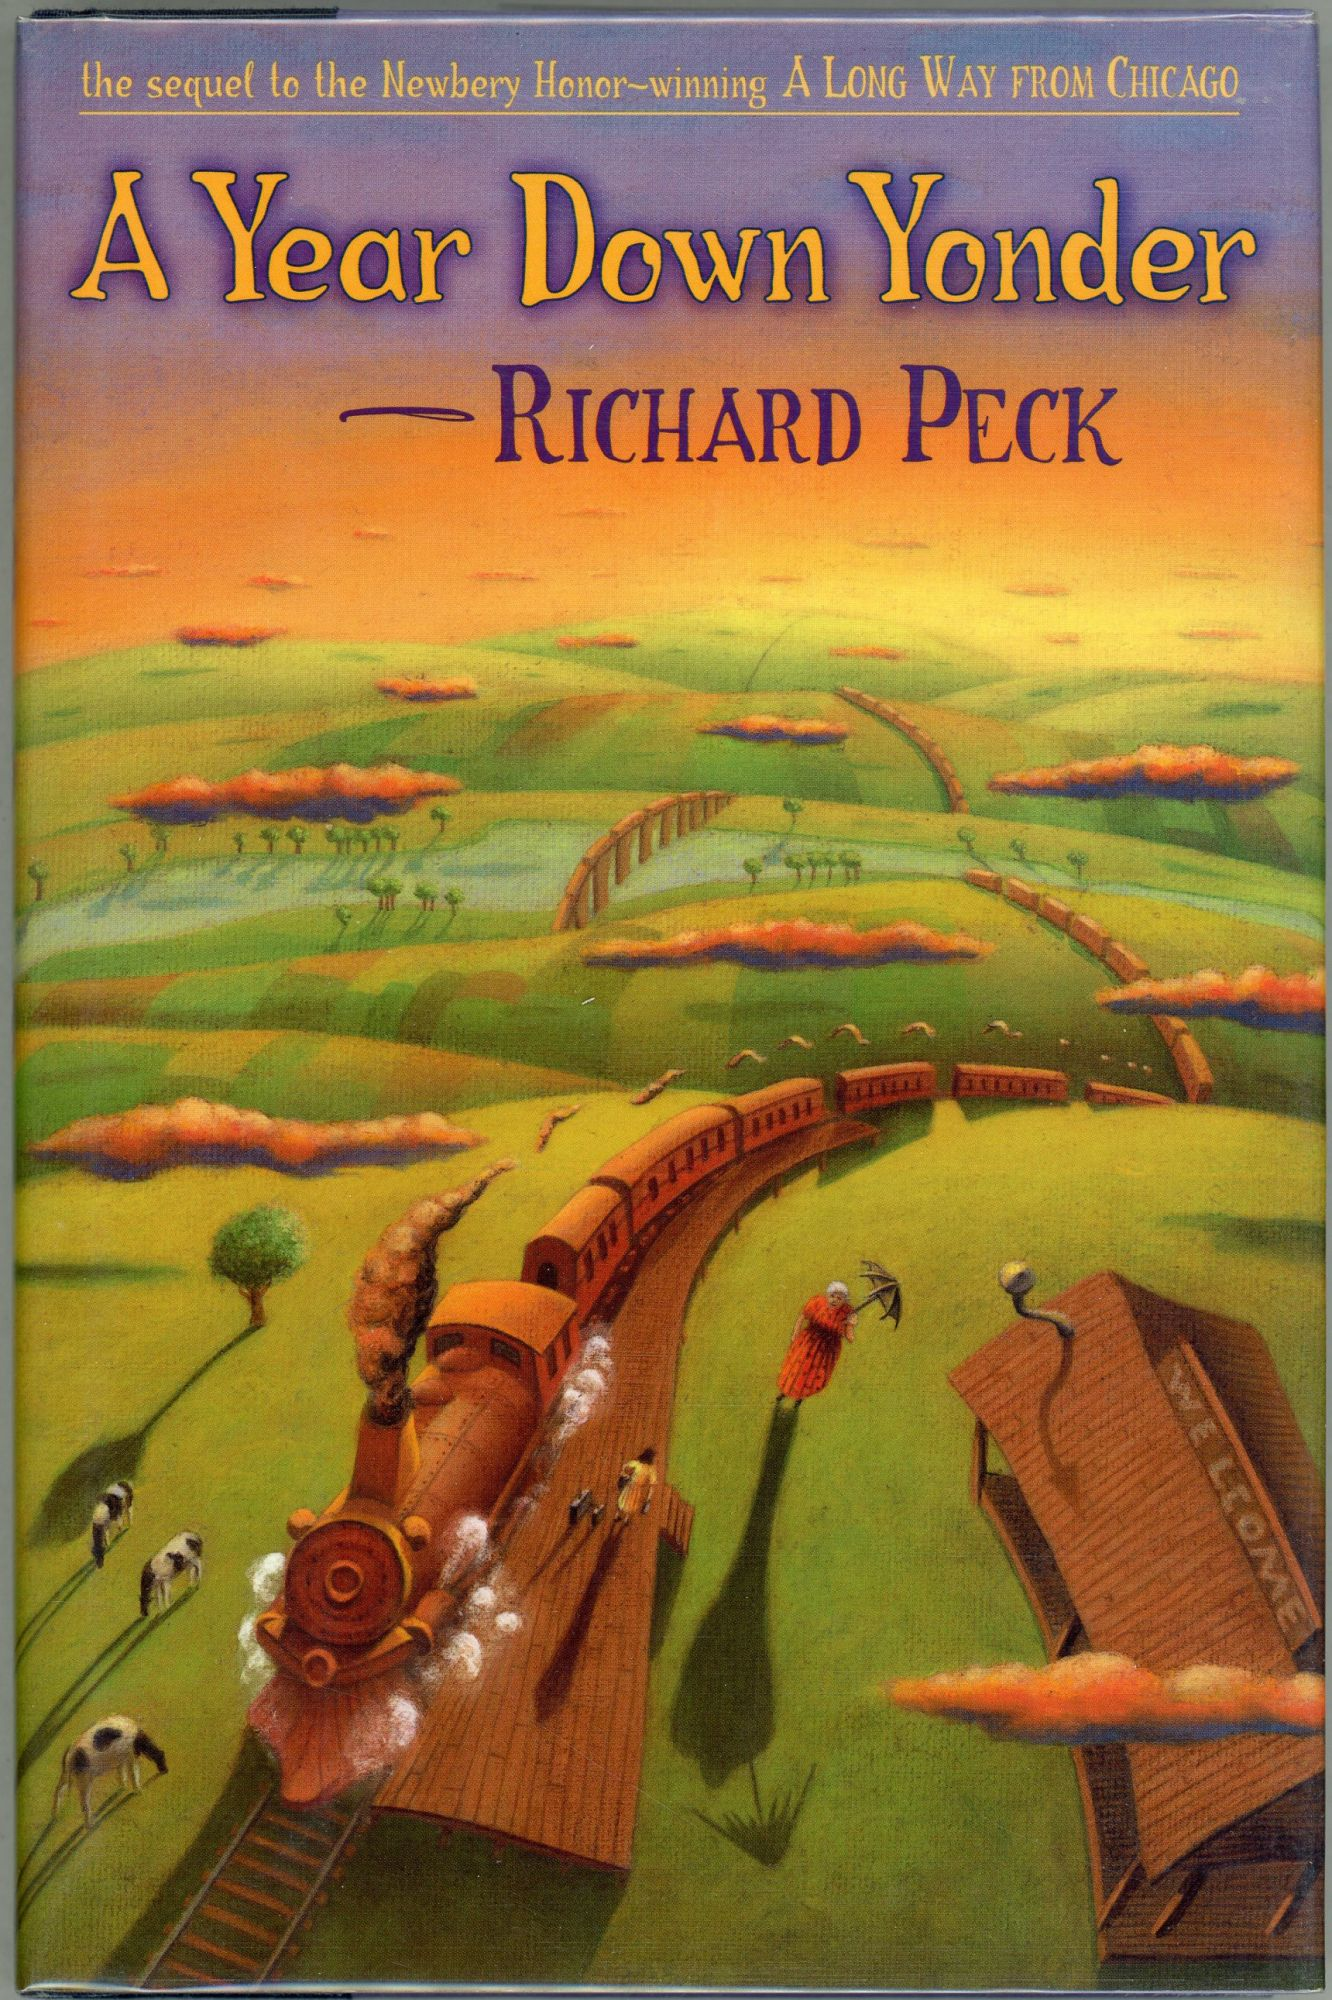 richard peck i go along